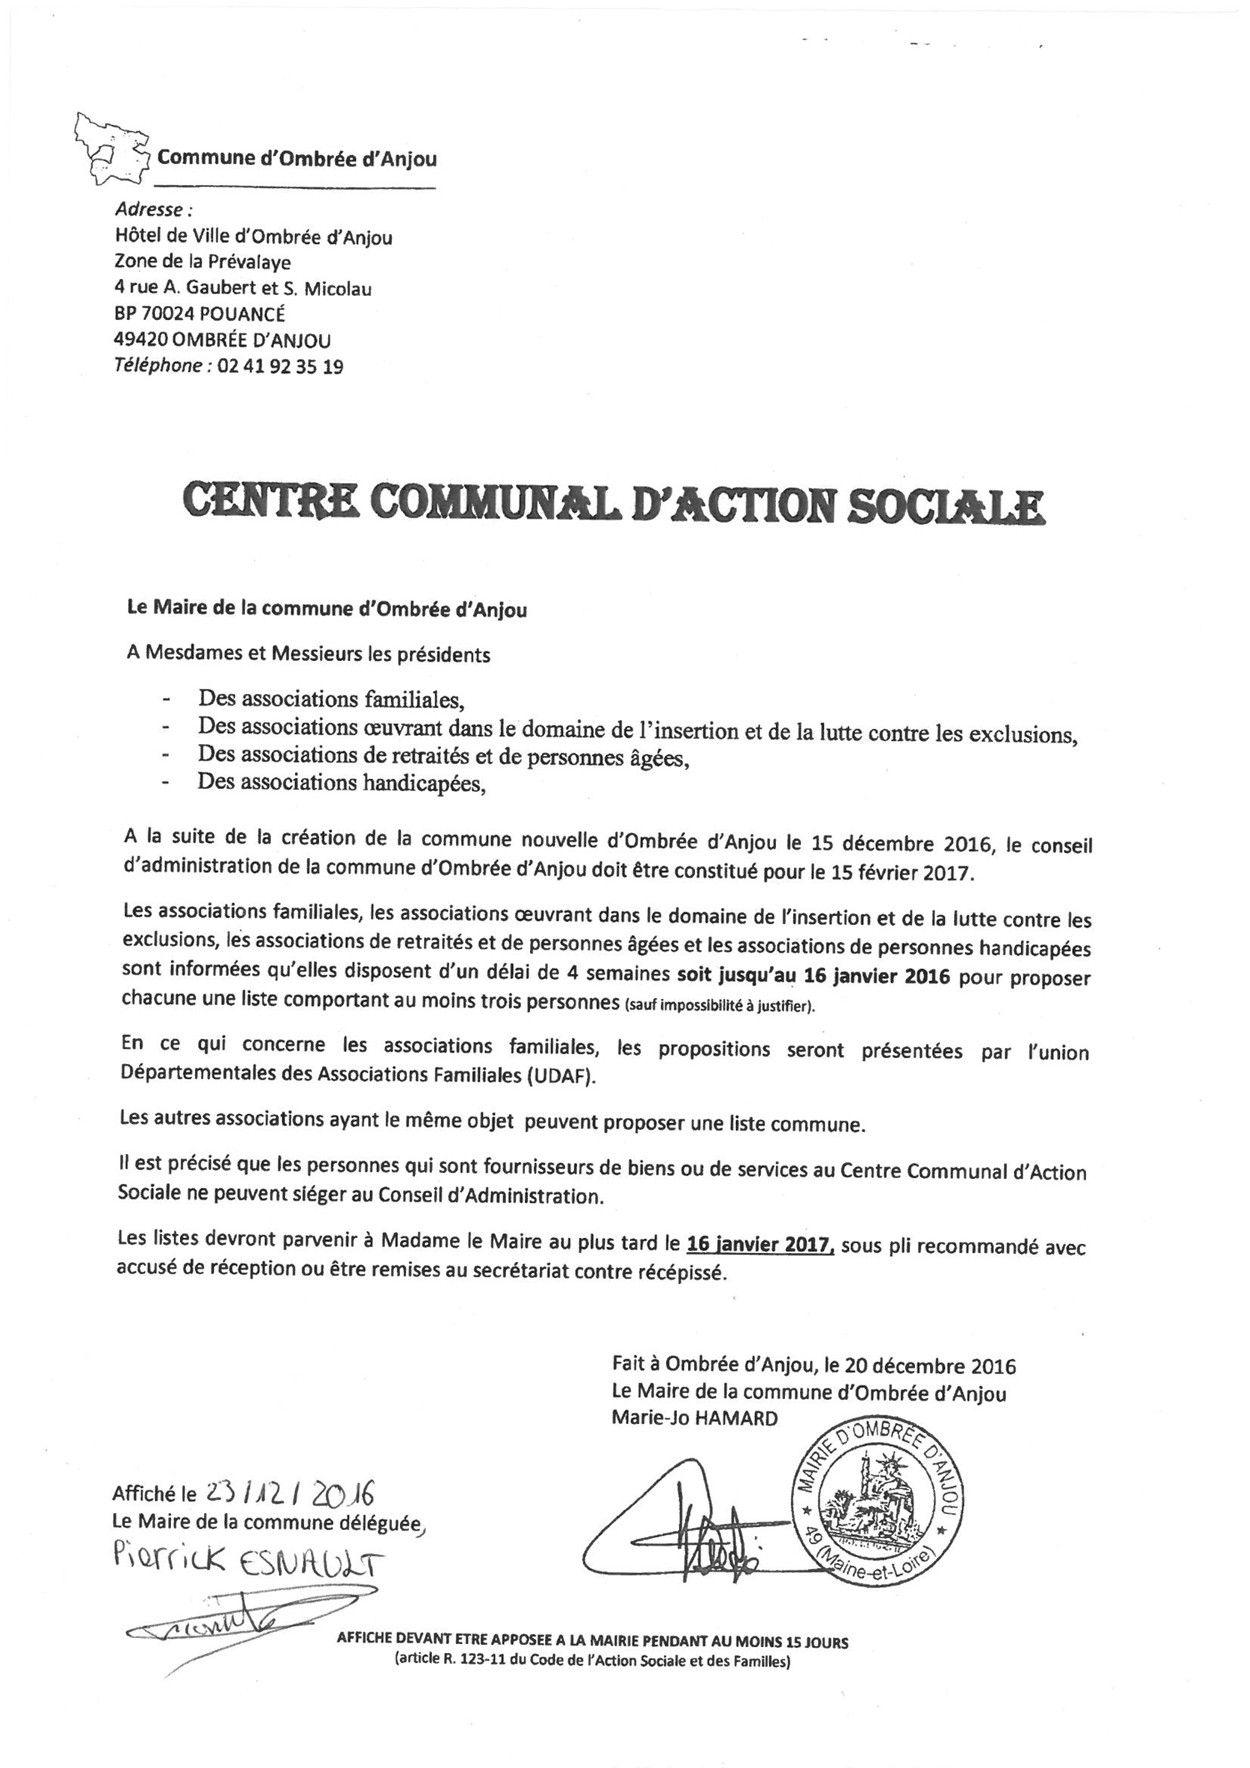 CCAS Constitution Conseil d'Administration de la Commune d'Ombrée d'Anjou